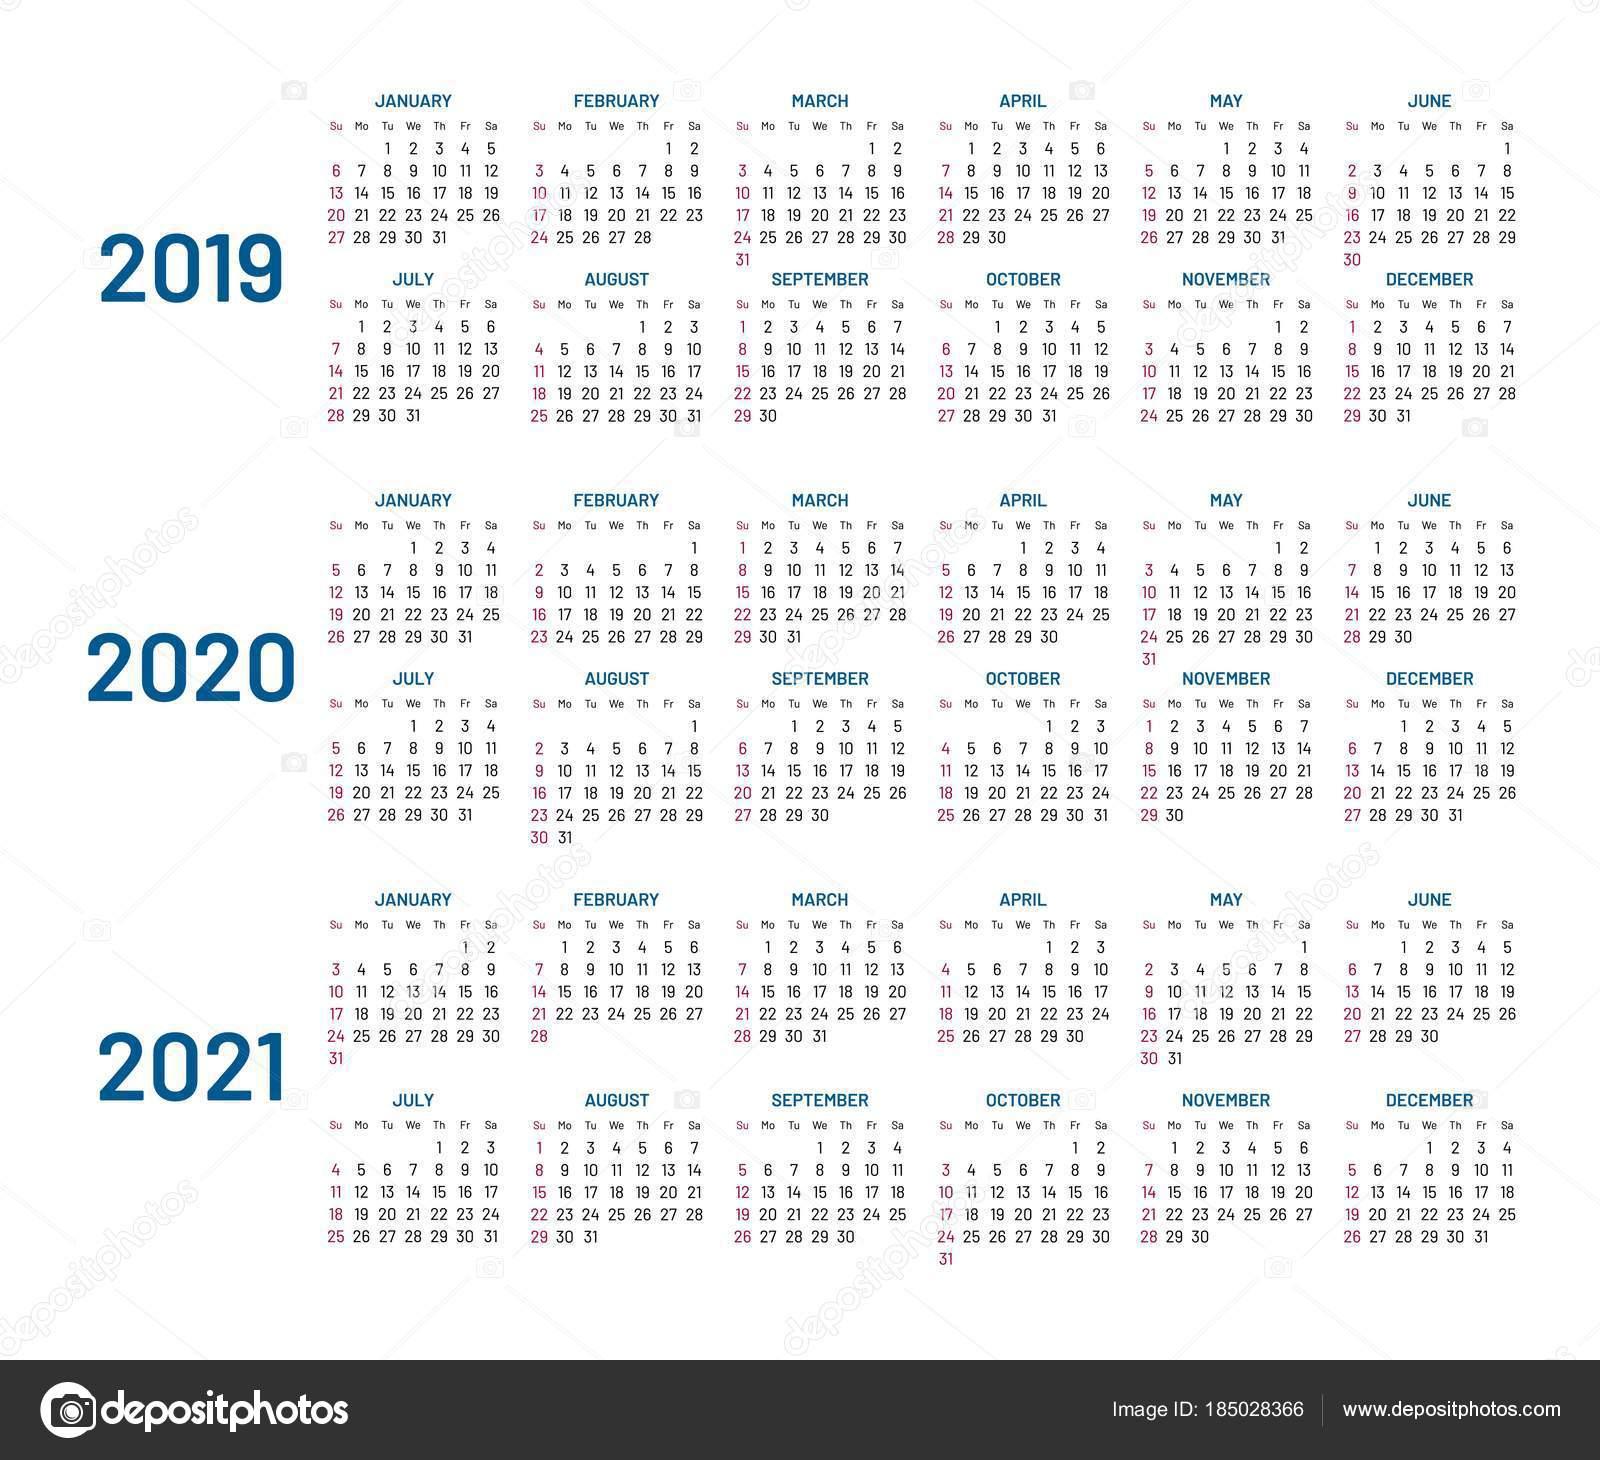 Calendario Dezembro 2019 Janeiro 2020.Calendario De Tres Anos 2019 2020 2021 Isolado Plano